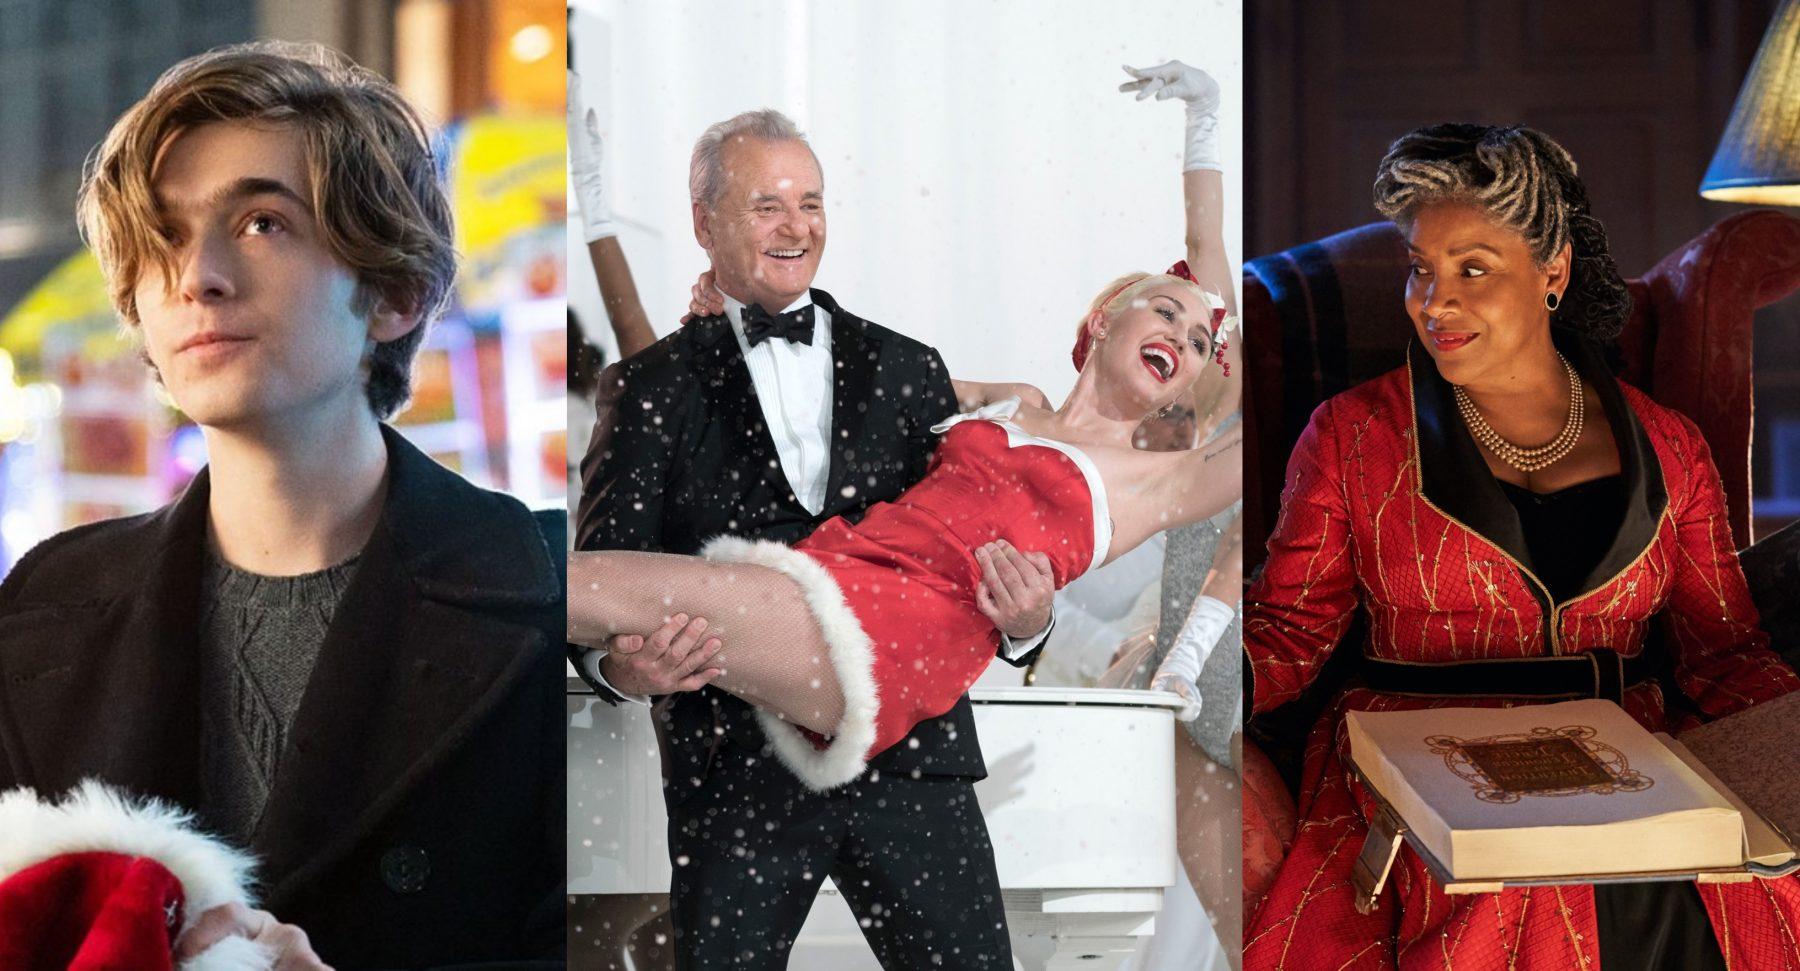 聖誕看甚麼?推介5部 Netflix 帶來溫馨,富有節日氣氛的電影及電視節目 – Vogue Hong Kong